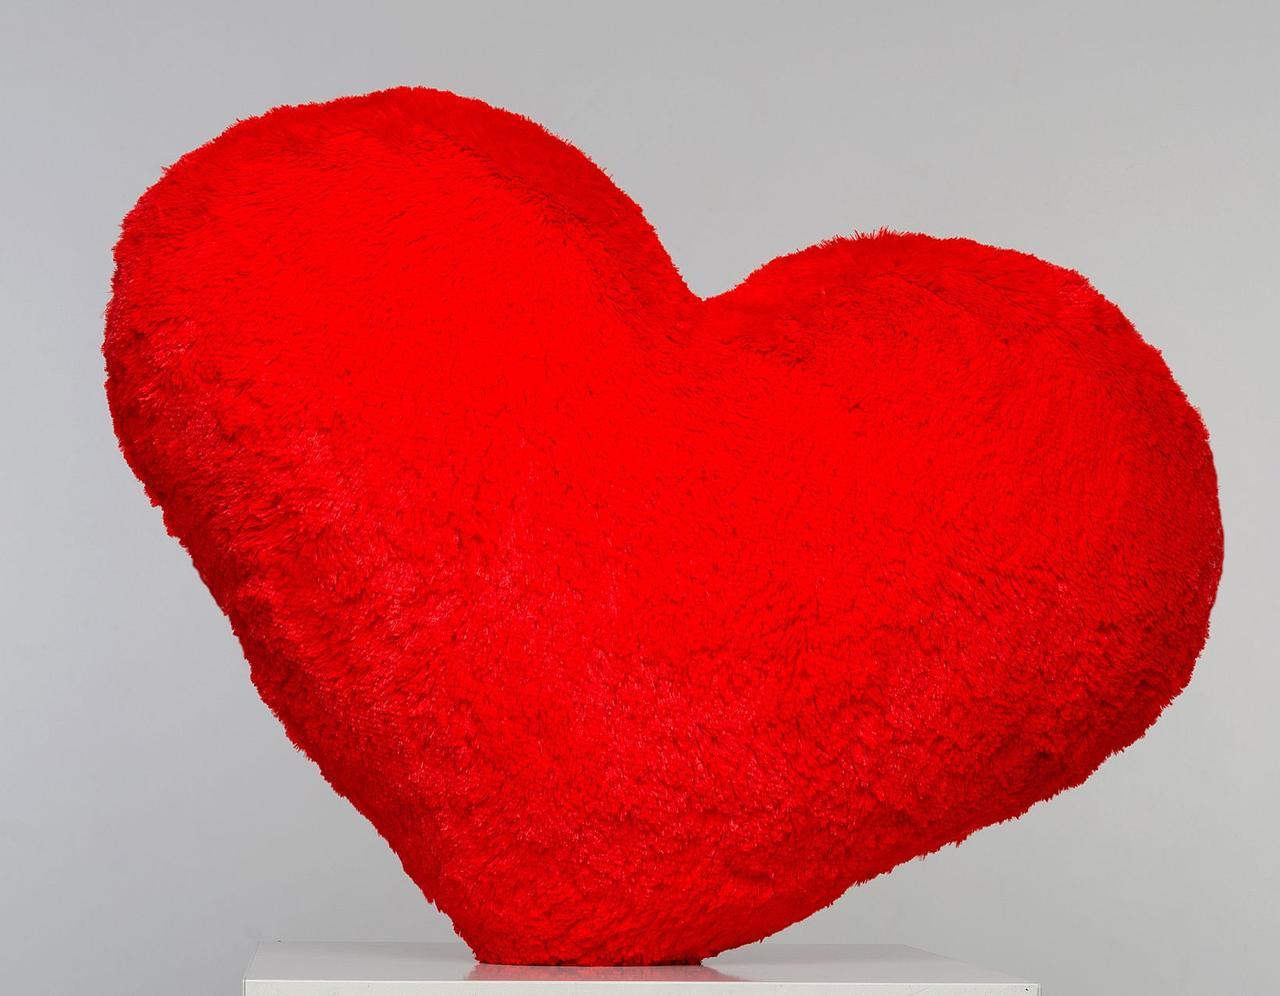 Плюшевая игрушка Mister Medved Подушка-сердце Красная 30 см